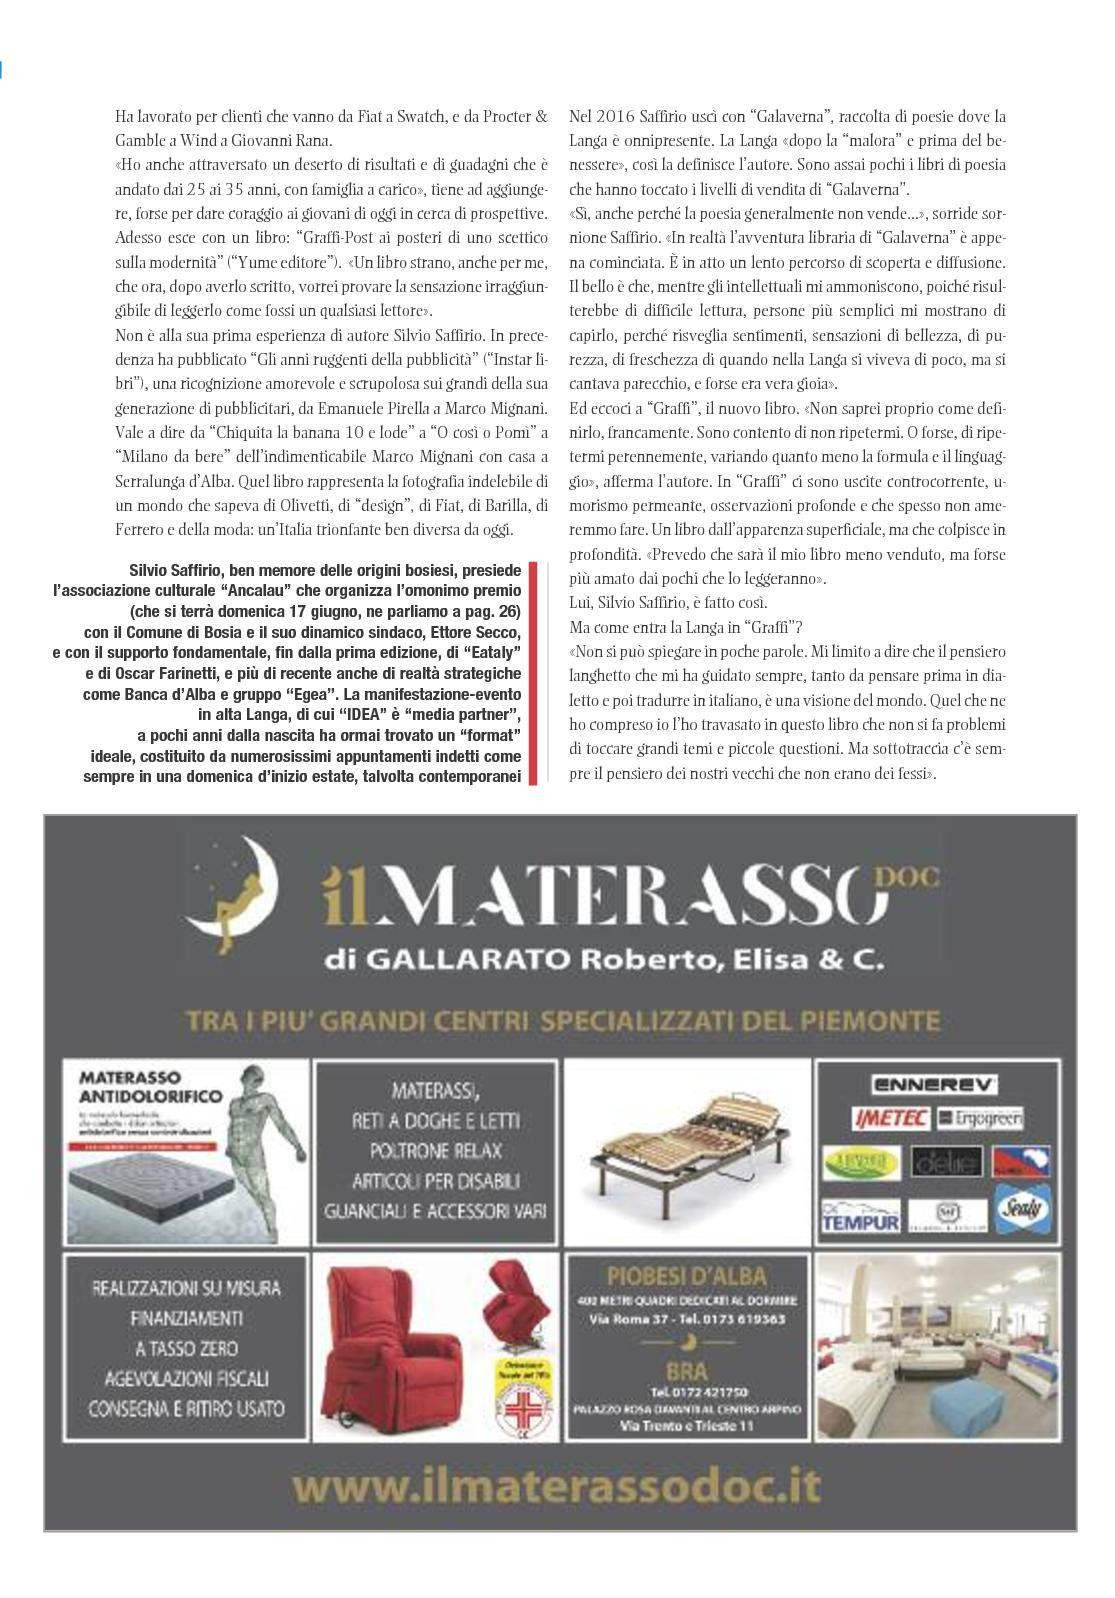 Centro Del Materasso Trieste.Idea 18 100518 Calameo Downloader